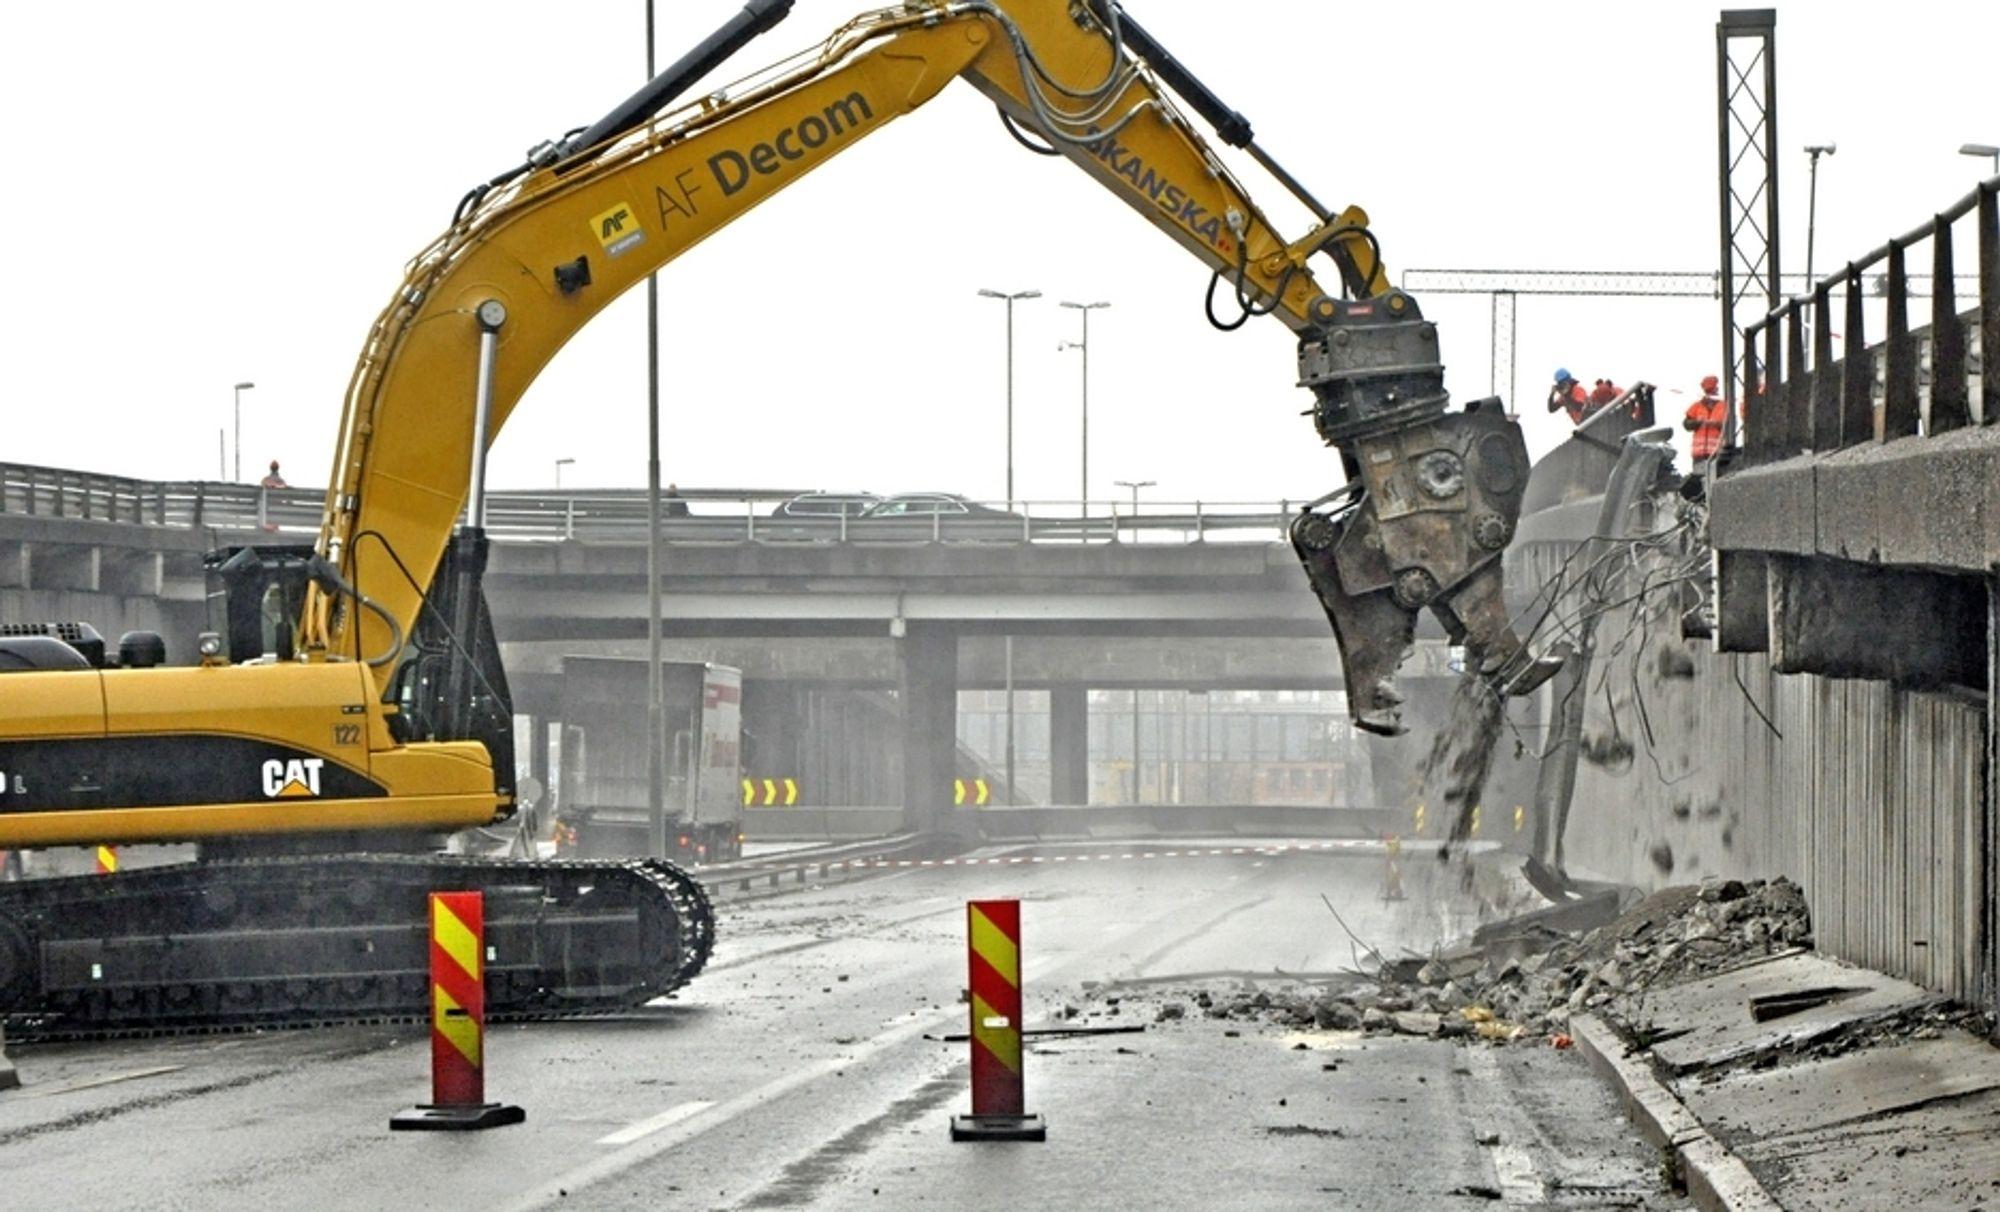 En Caterpillar HP30 rivingssaks på 3,6 tonn med et utseende som et fryktinngydende rovdyr tar tok første jafs en av rampene mot Bispelokket.